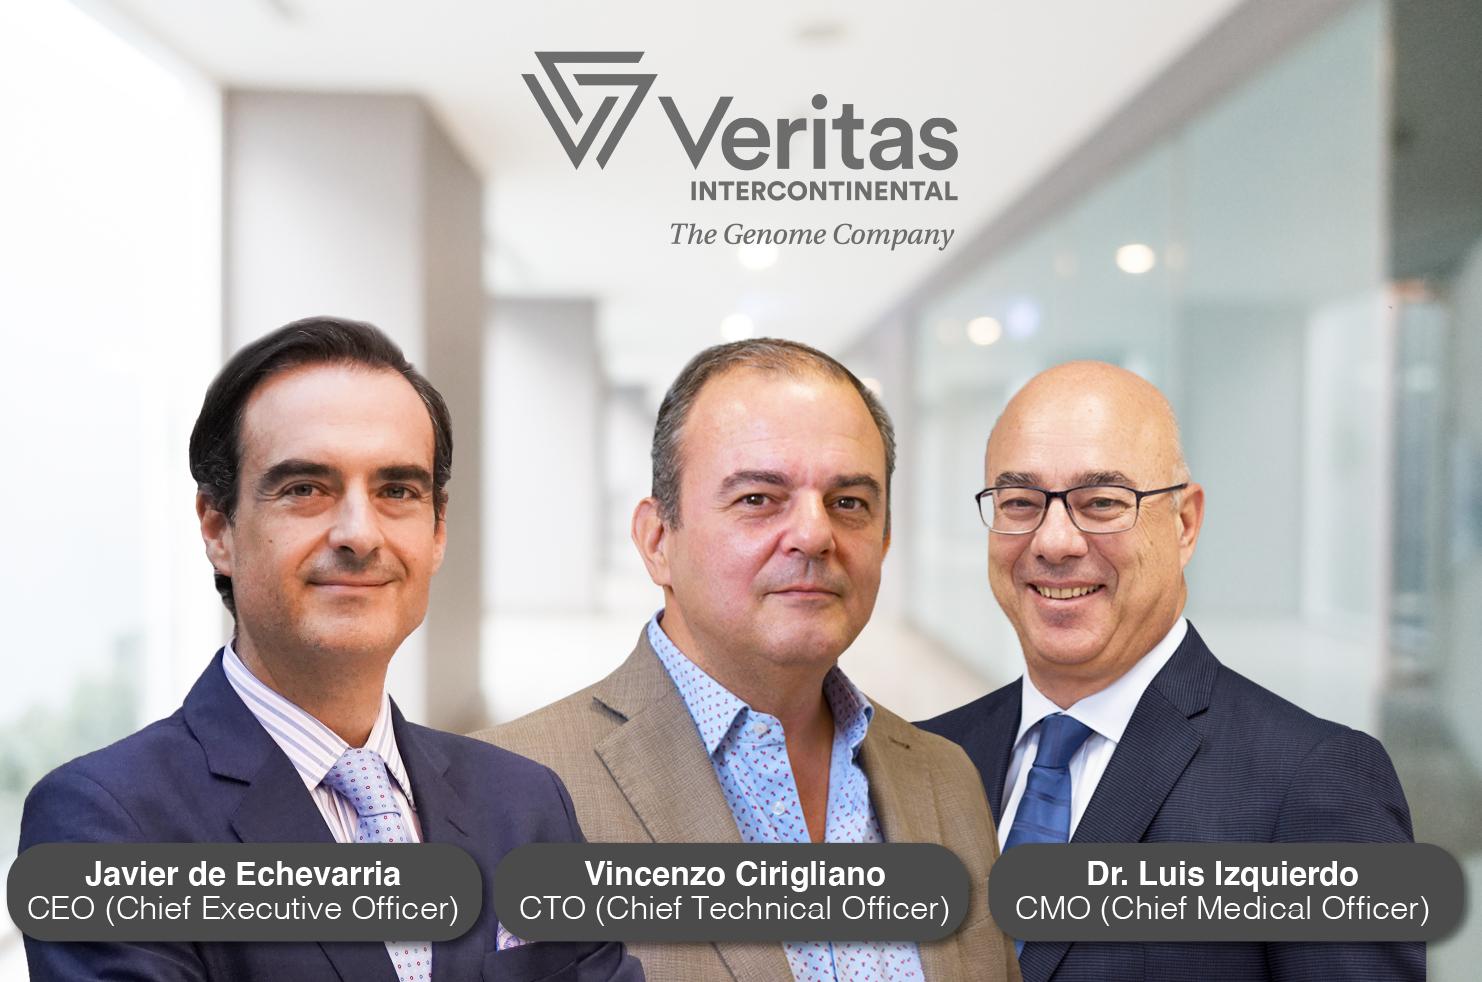 Veritas Intercontinental, líder en la aplicación de la medicina genómica preventiva, ha completado una nueva ronda de financiación de 5 millones de euros,